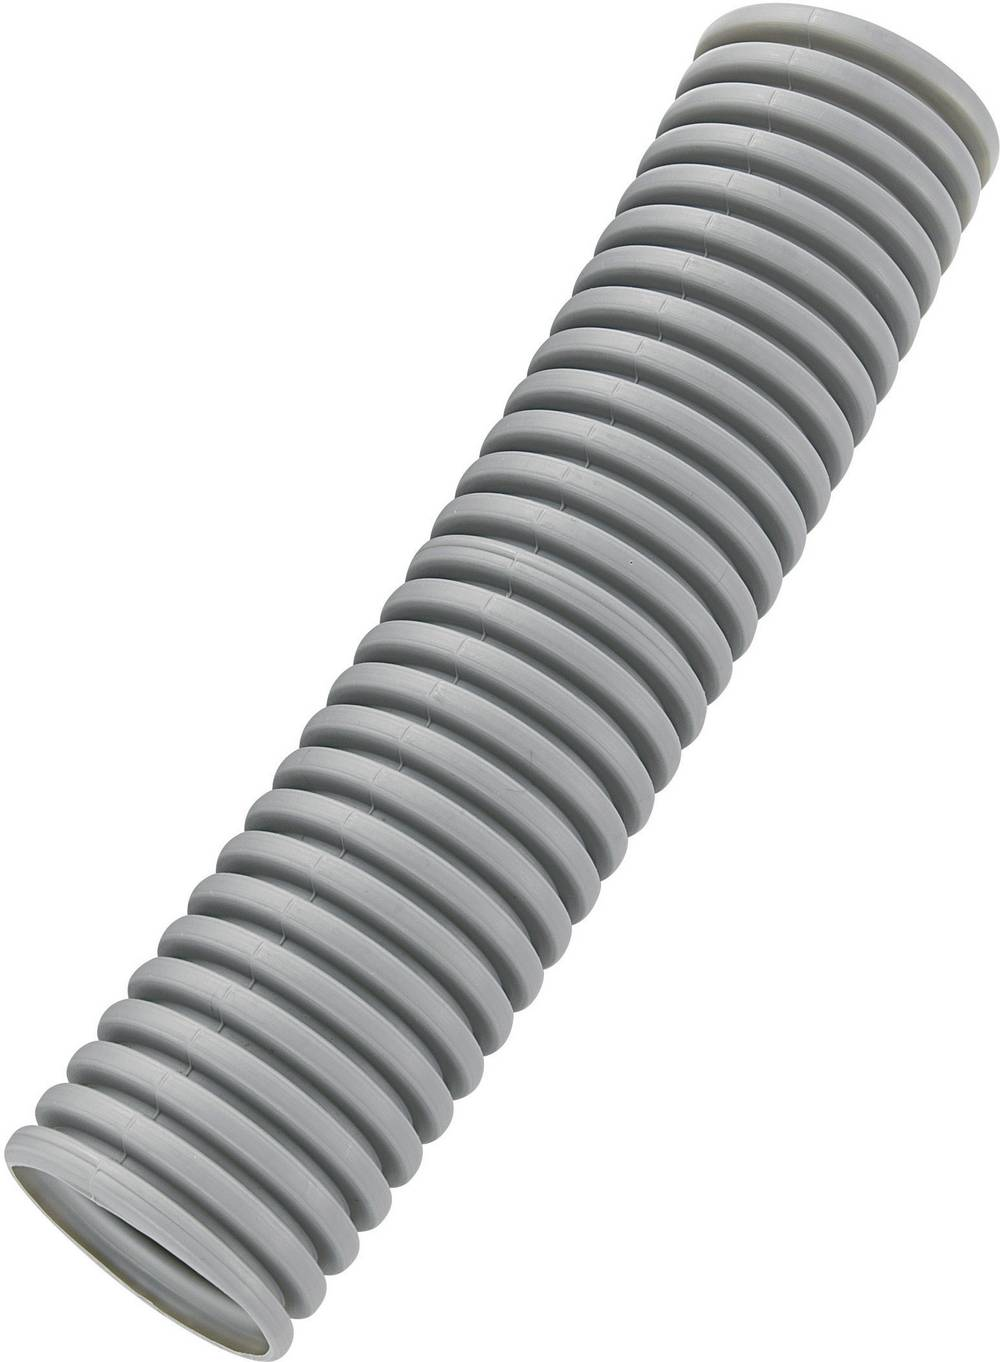 Zaščitna cev za kable KSS BGR20P, notranji premer: 14,1 mm,sive barve, metrsko blago